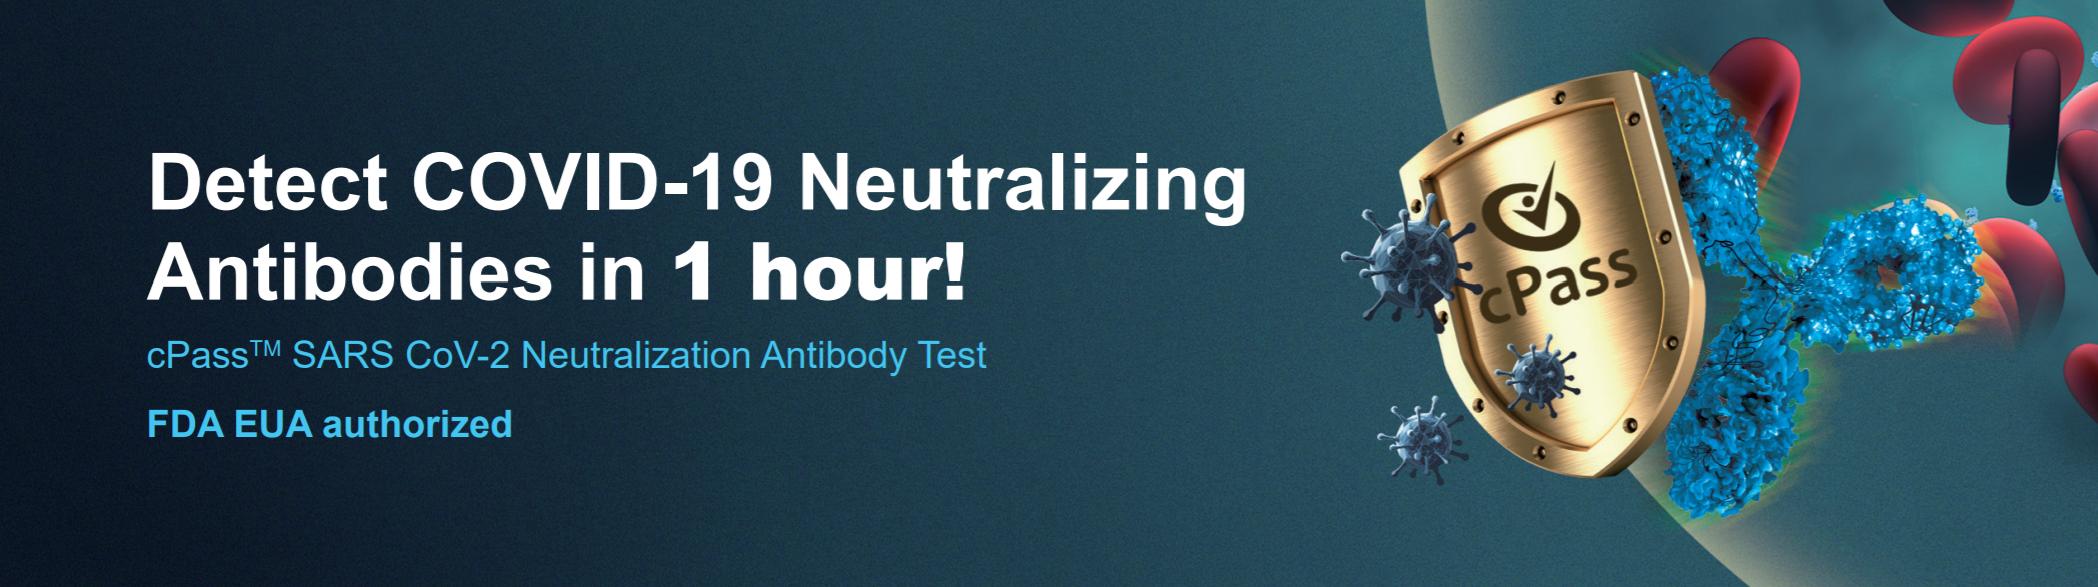 Covid-19-Neutralizing-Antibody-ELISA-Test